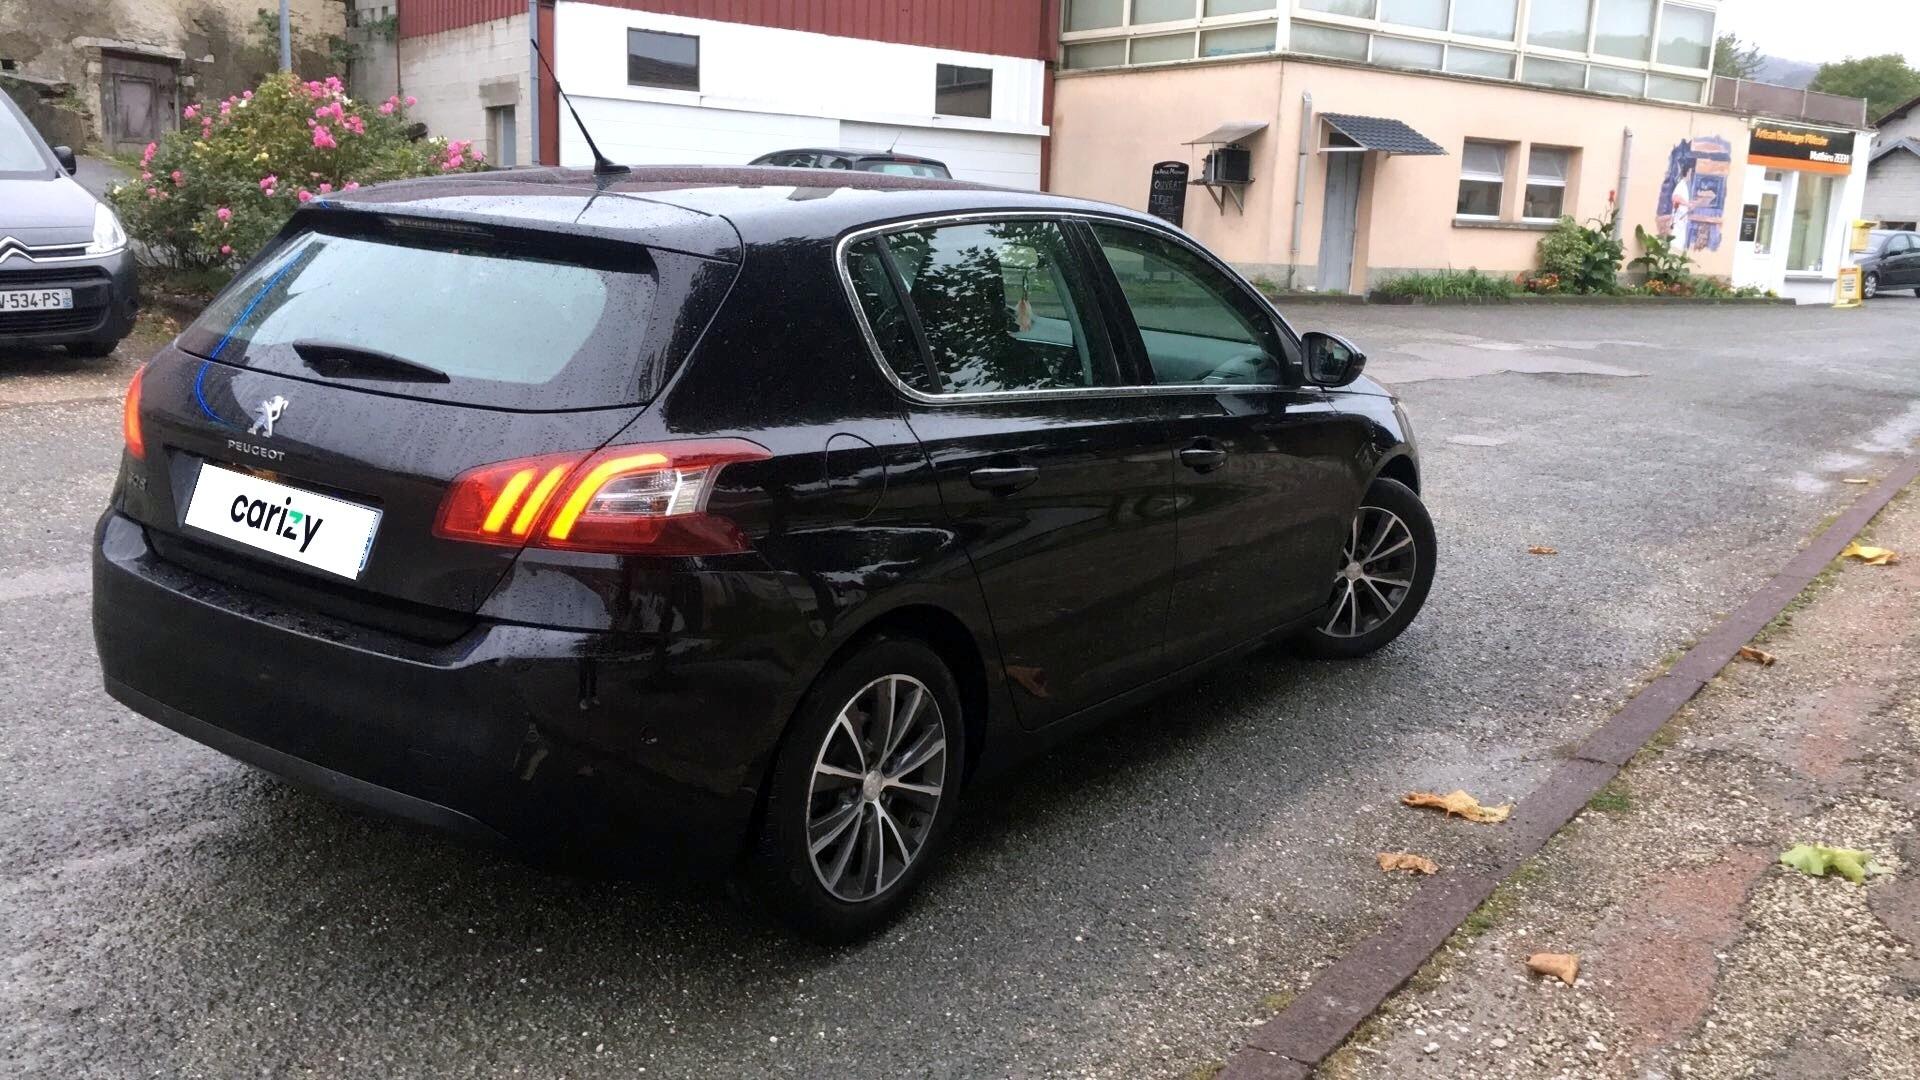 Peugeot 308 D U0026 39 Occasion 308 1 6 Thp 125 Ch Bvm6 Allure Pont